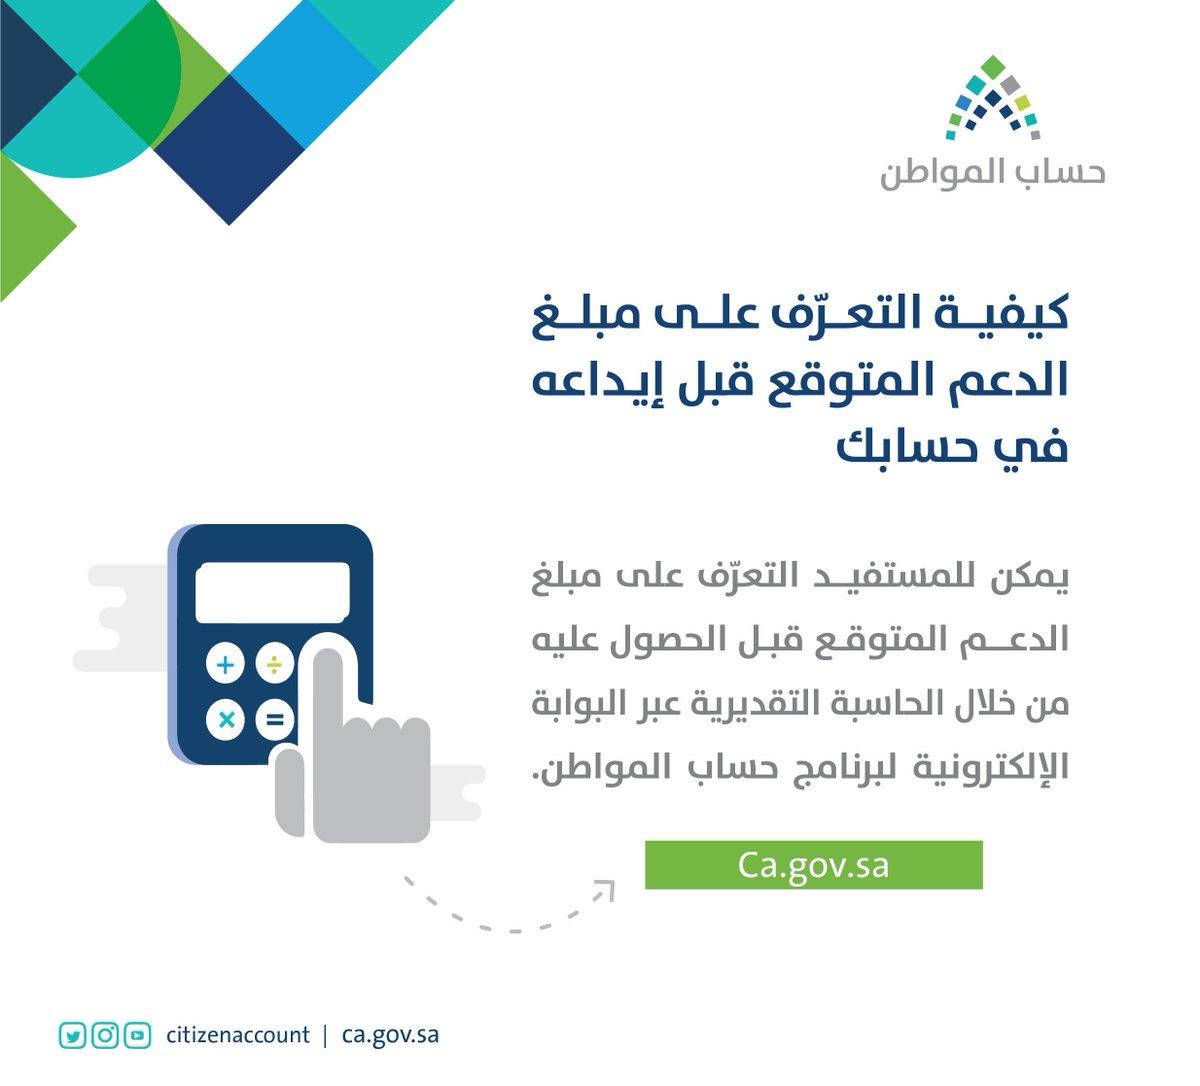 حساب المواطن On Twitter يمكنك معرفة مبلغ الدعم المتوقع من برنامج حساب المواطن عبر الرابط التالي Https T Co Vibetpjb0h